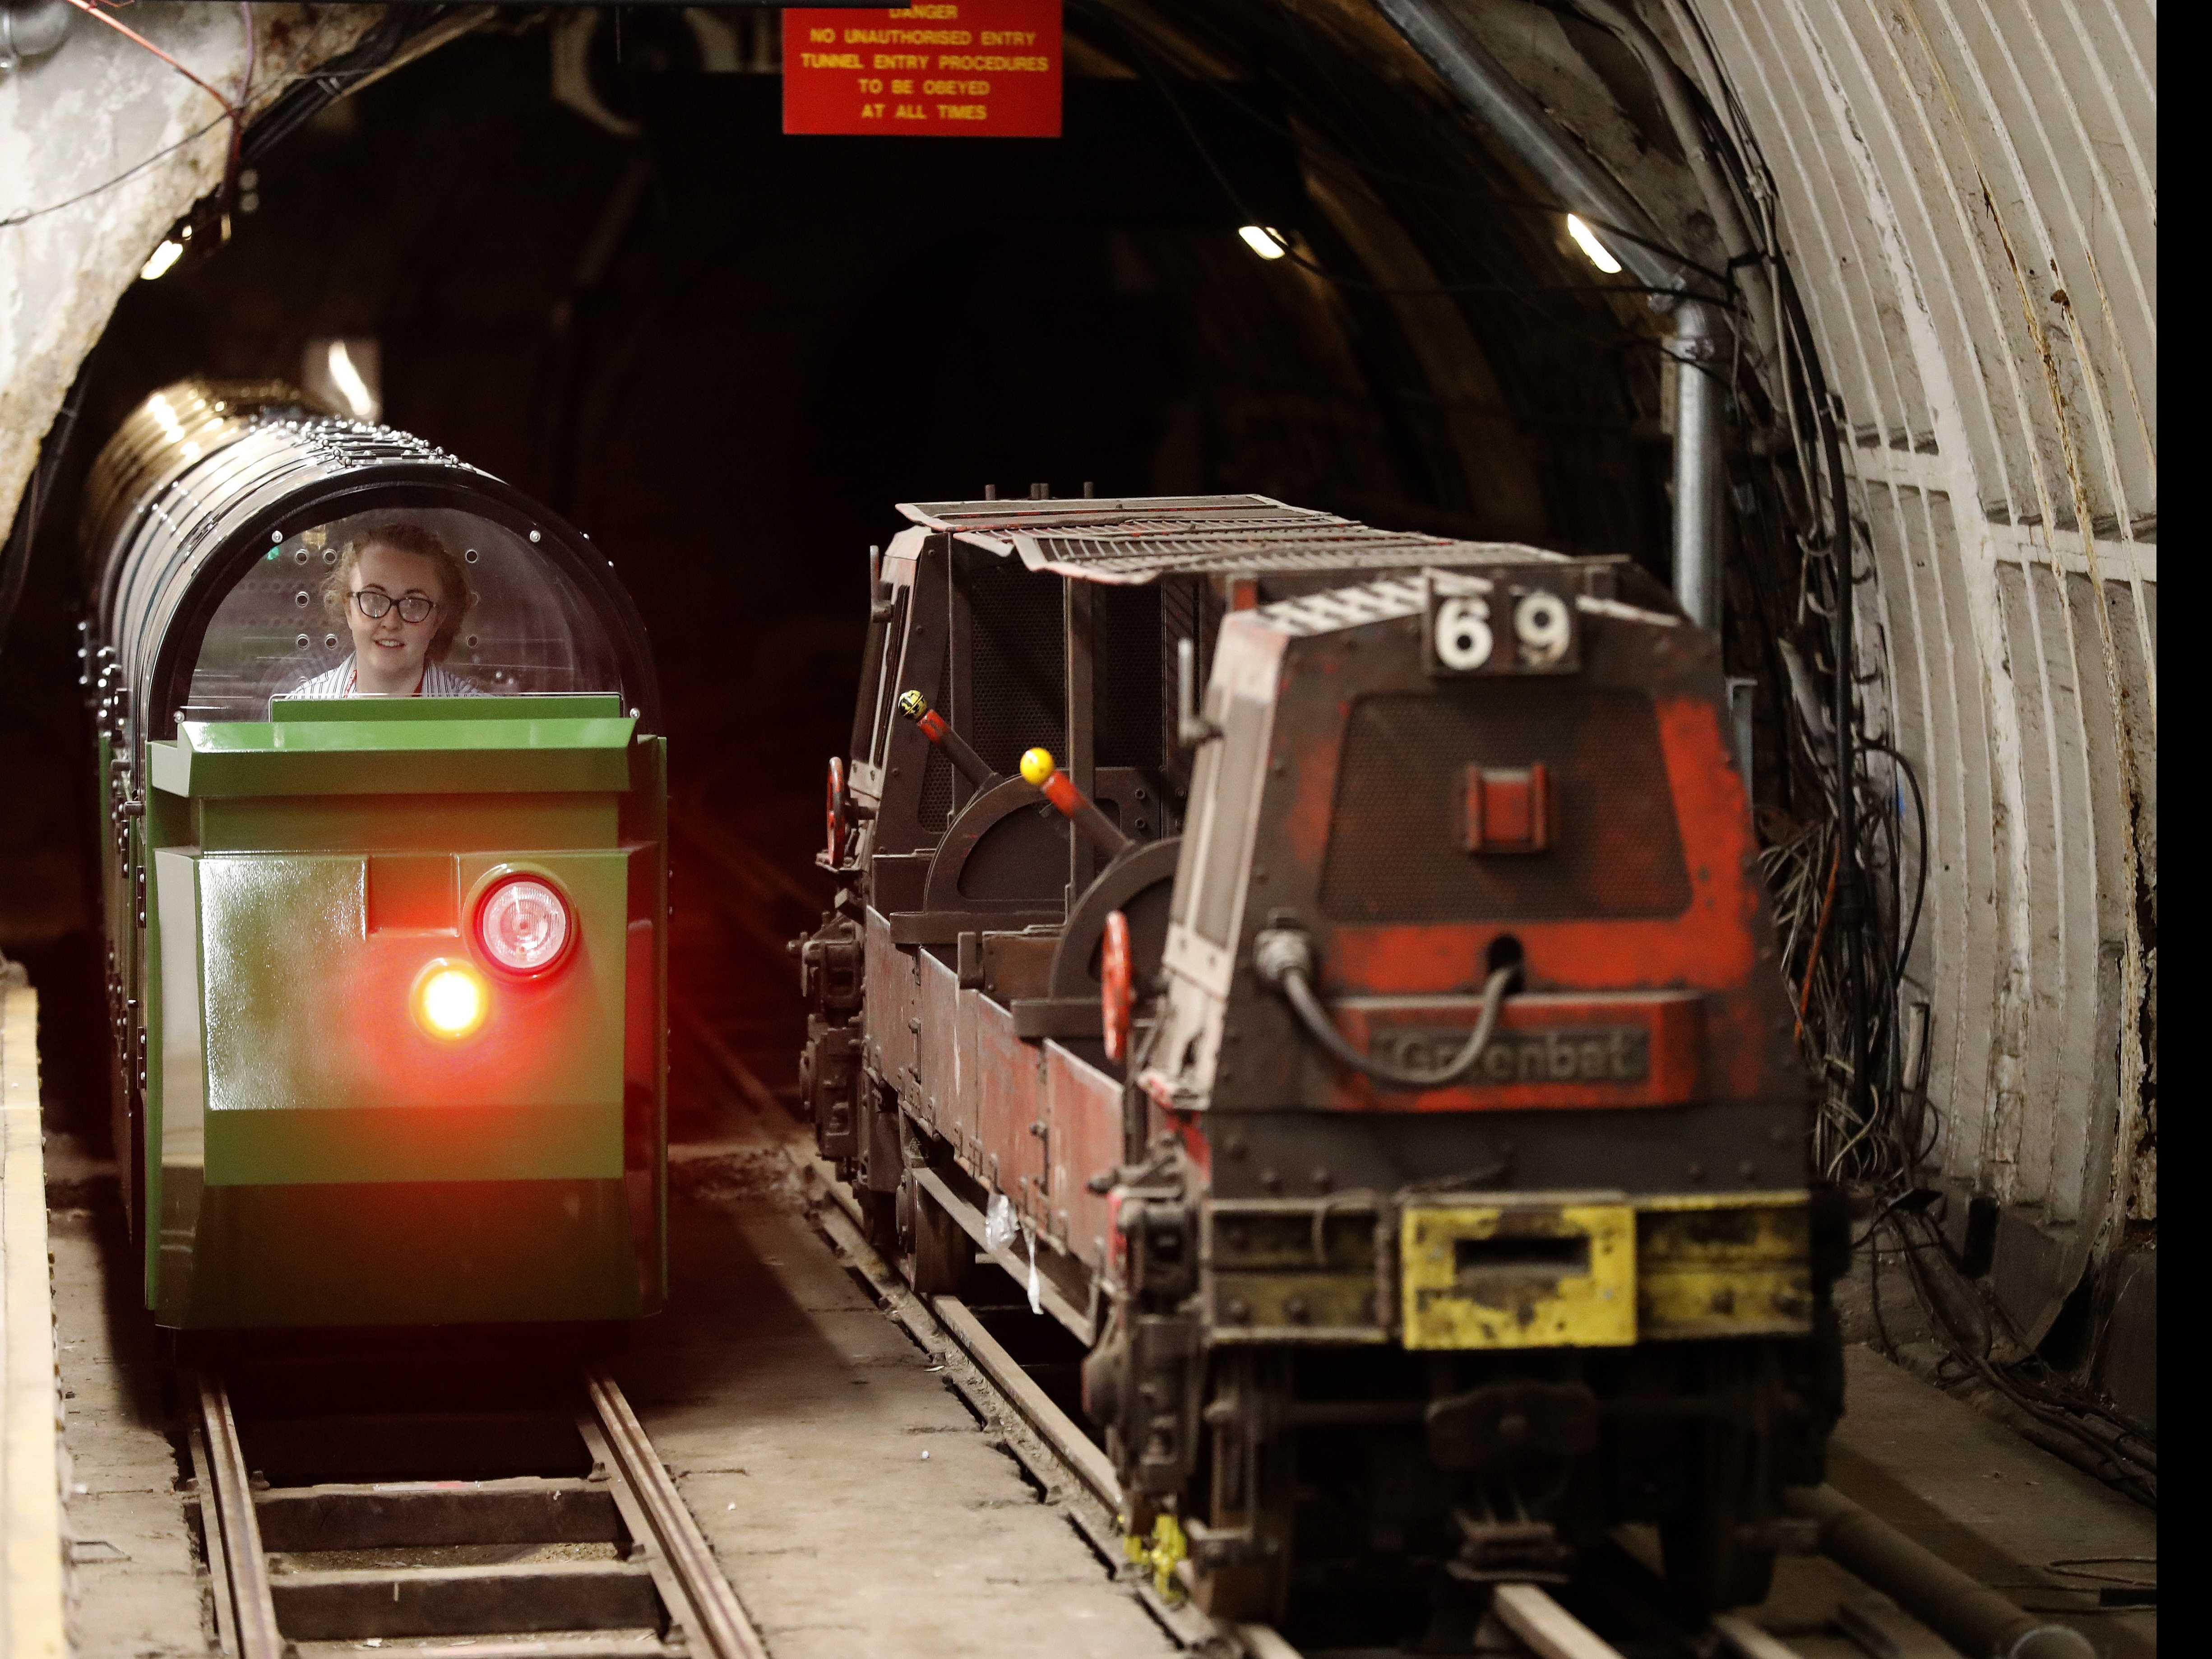 Mail Rail Lets Tourists Visit London's Secret Postal Railway